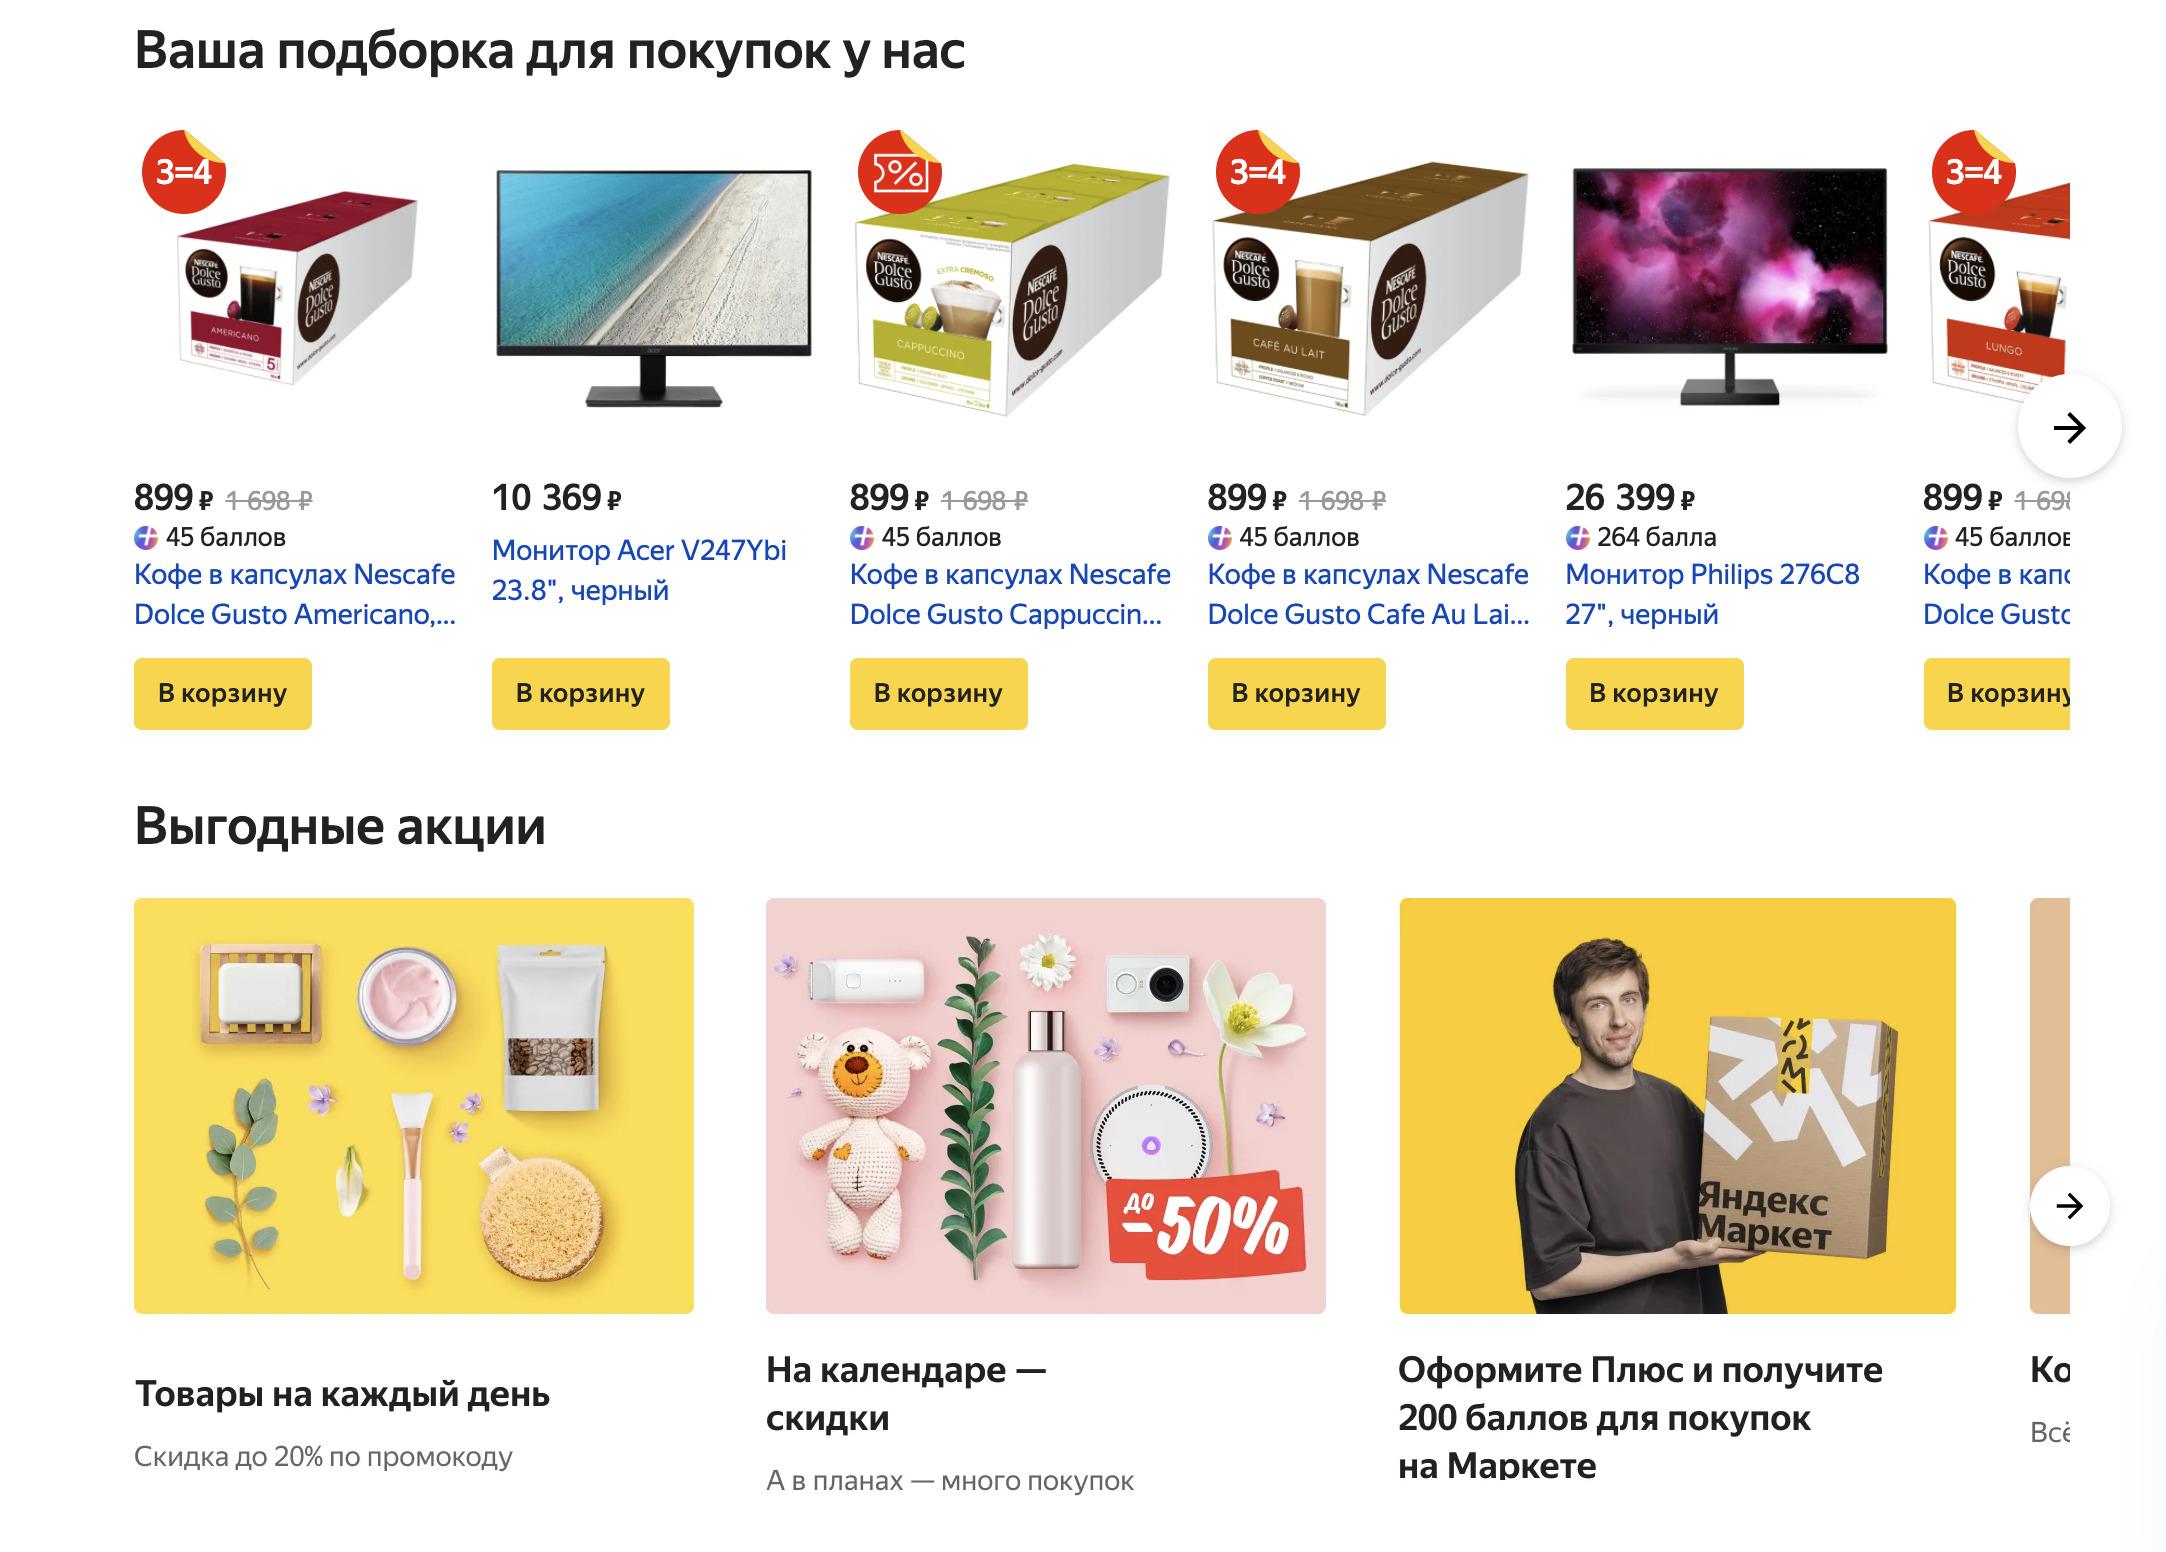 Доставка из Яндекс.Маркет в Новосибирскую область, сроки, пункты выдачи, каталог